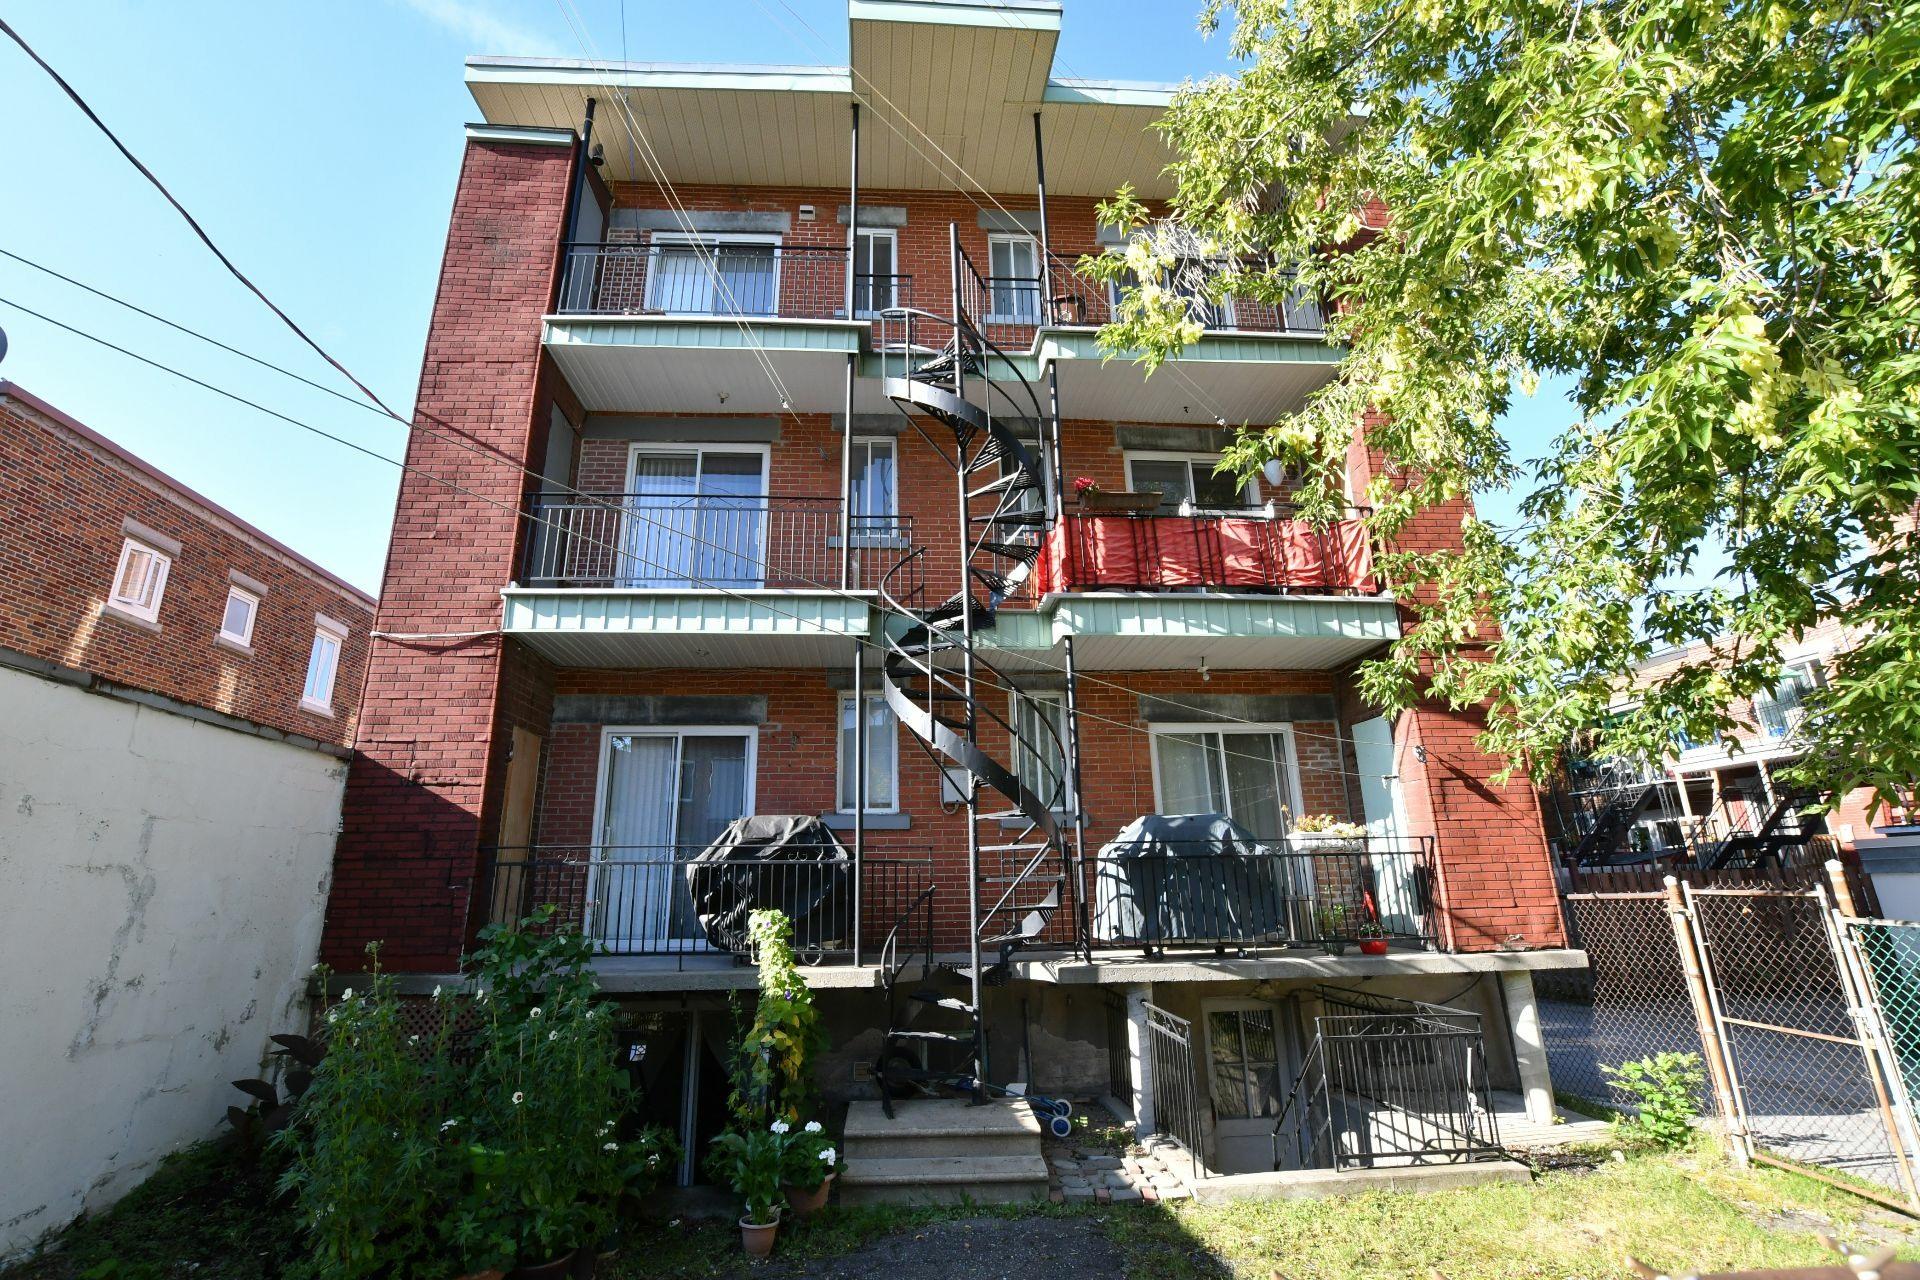 image 10 - Immeuble à revenus À vendre Montréal Villeray/Saint-Michel/Parc-Extension  - 4 pièces